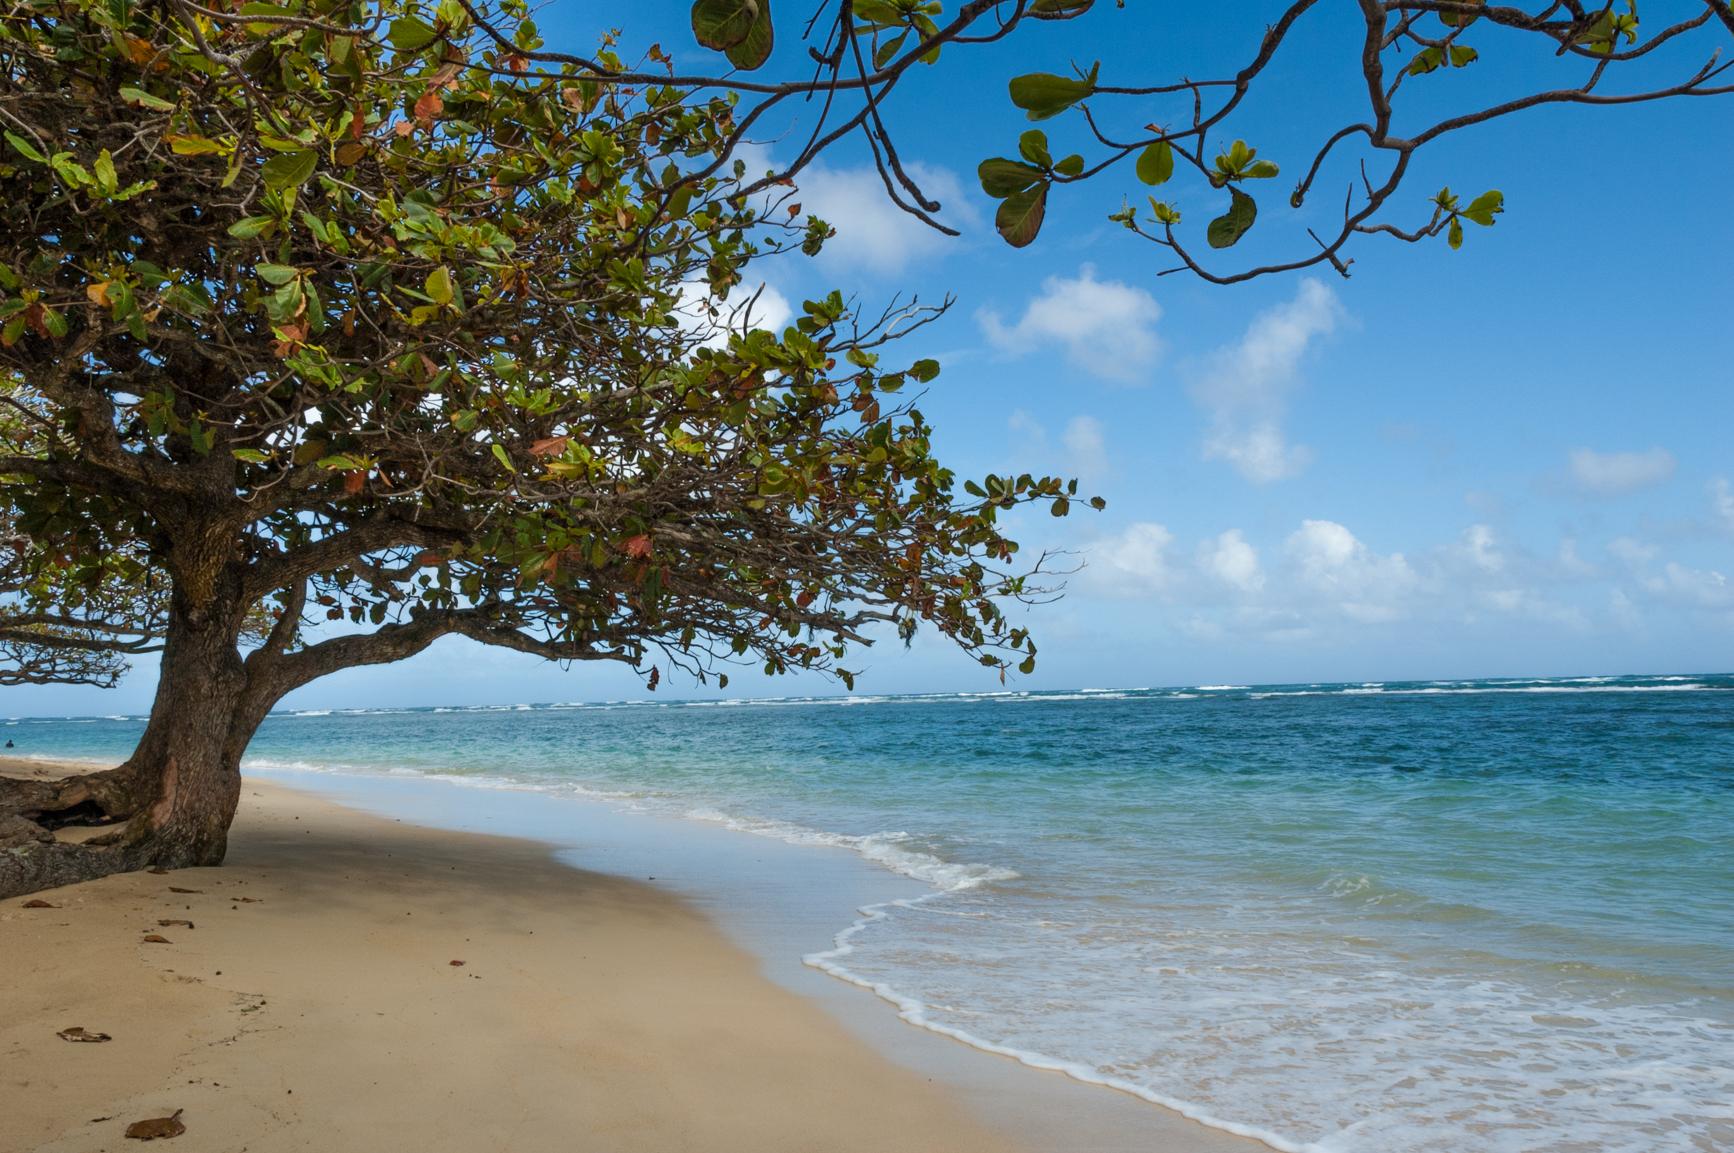 ハワイ、オアフ島のビーチ